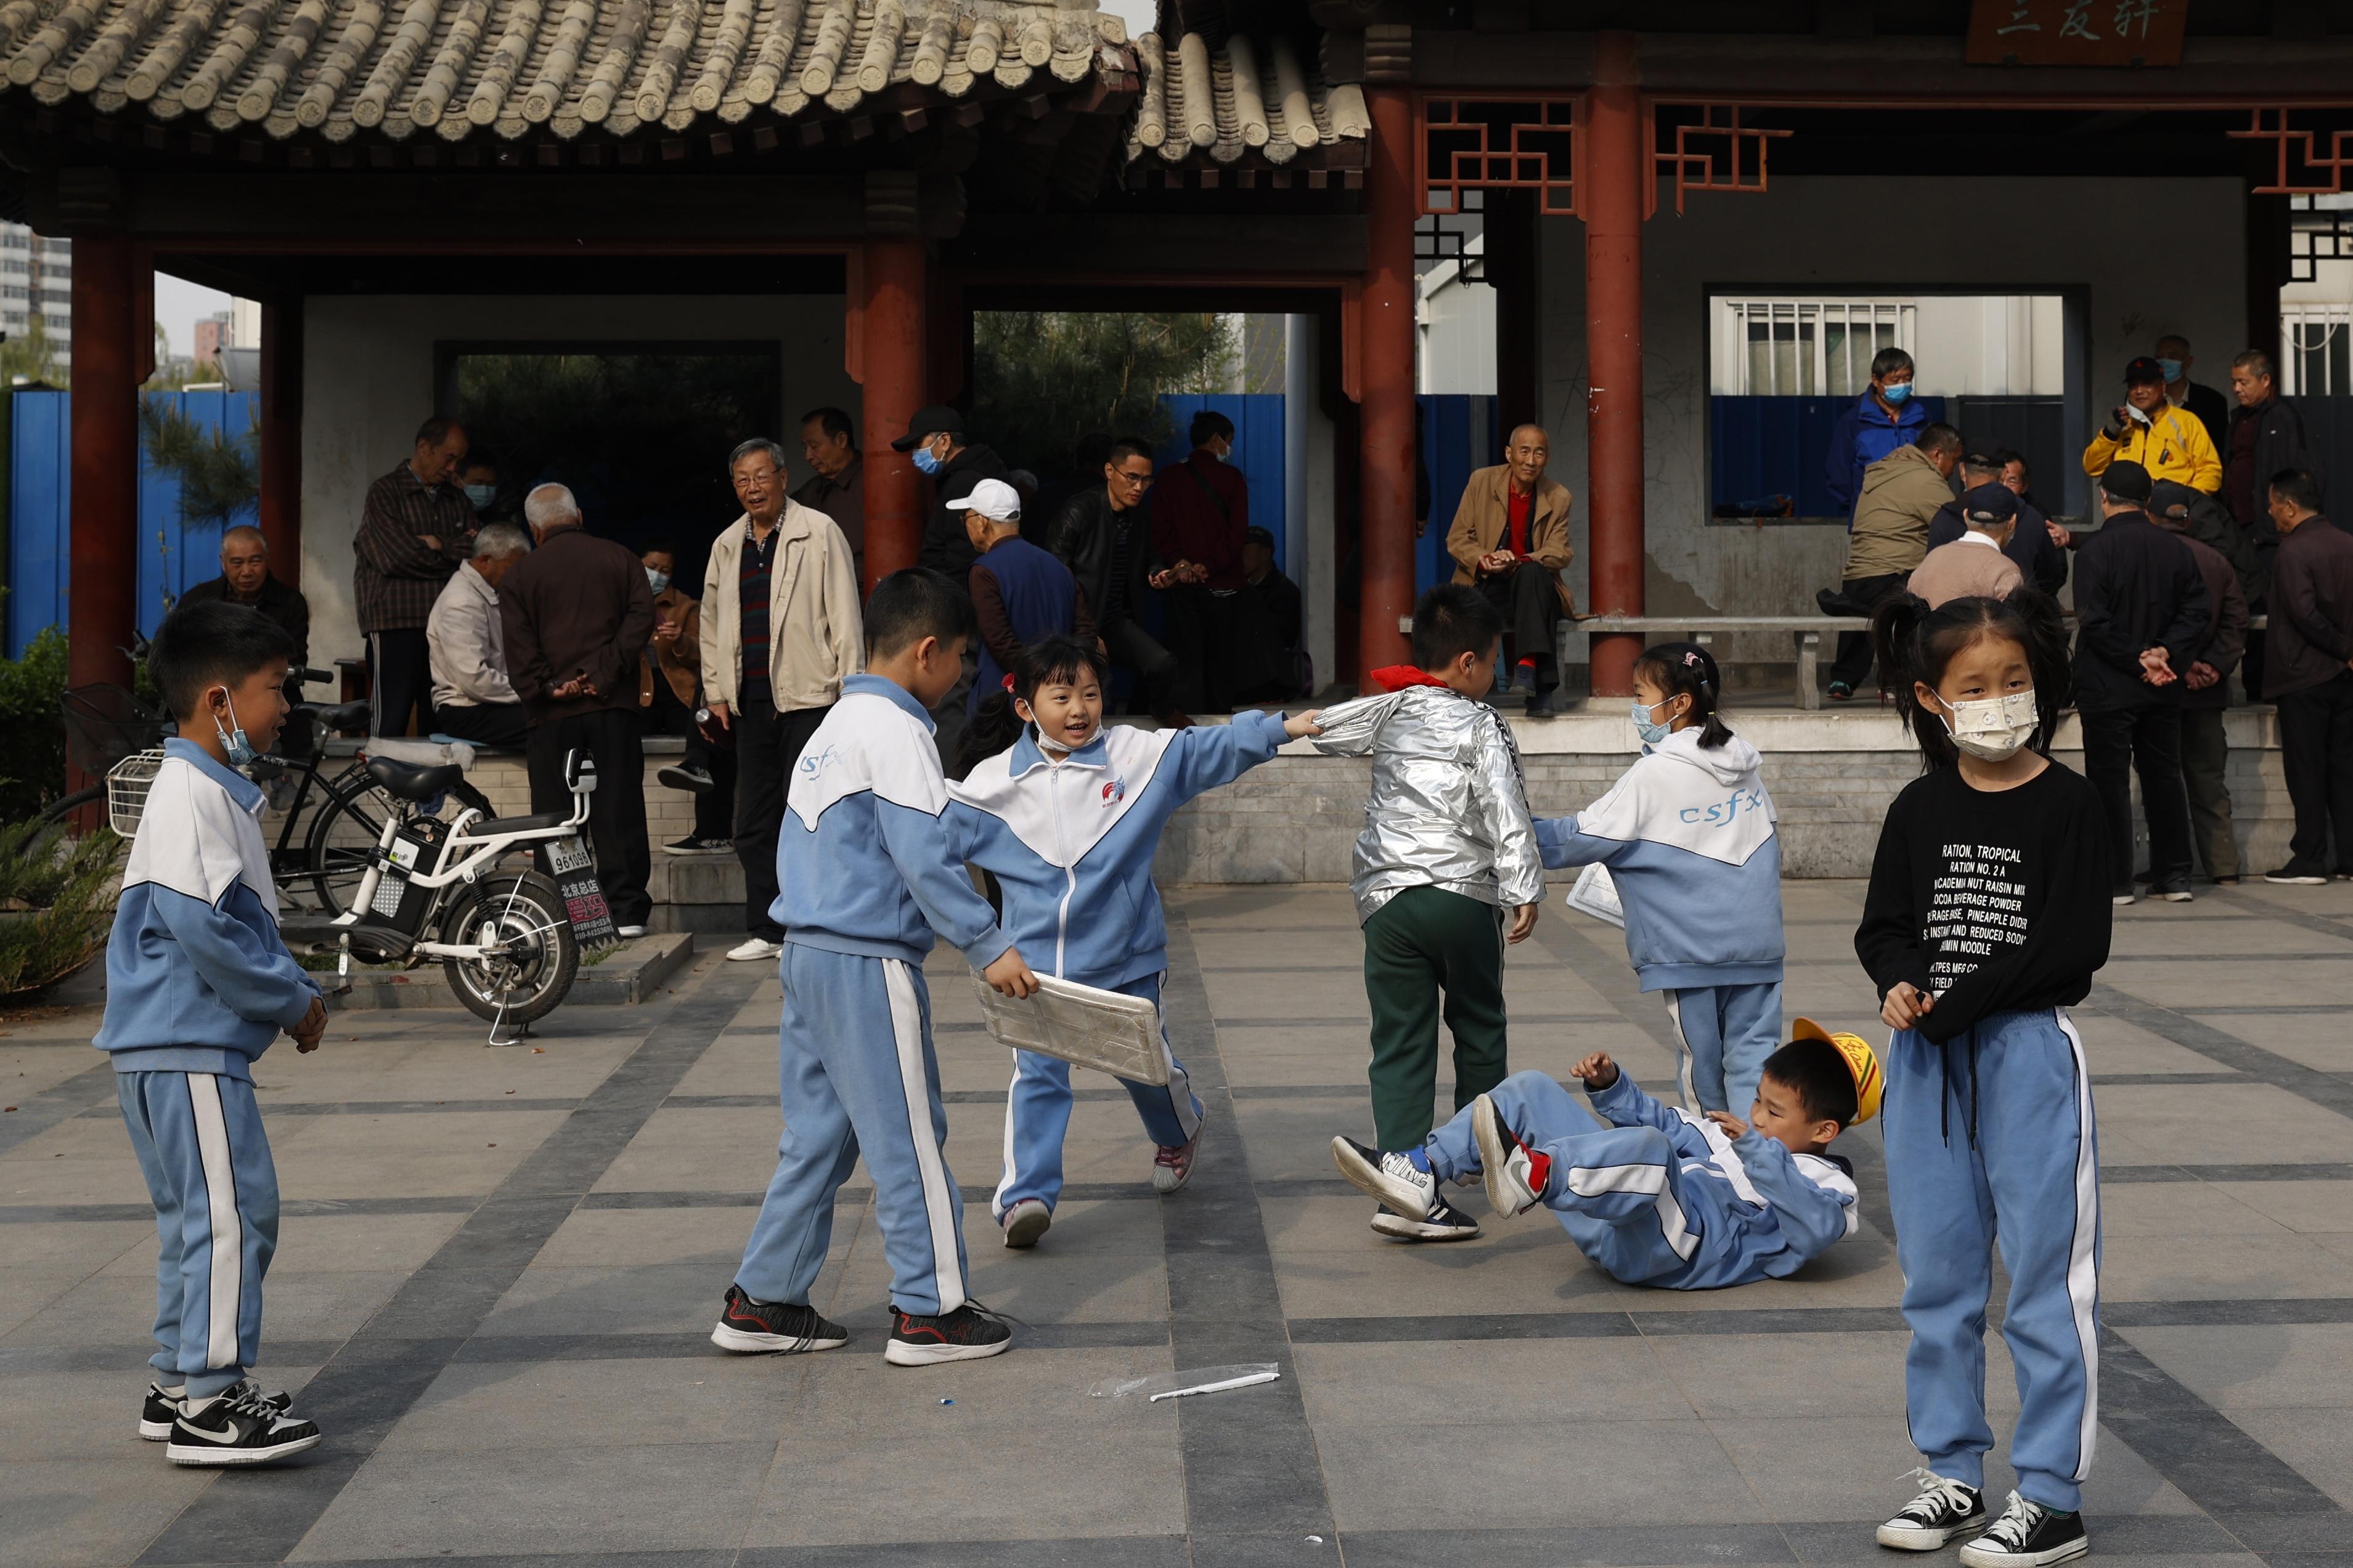 Children play in Beijing.